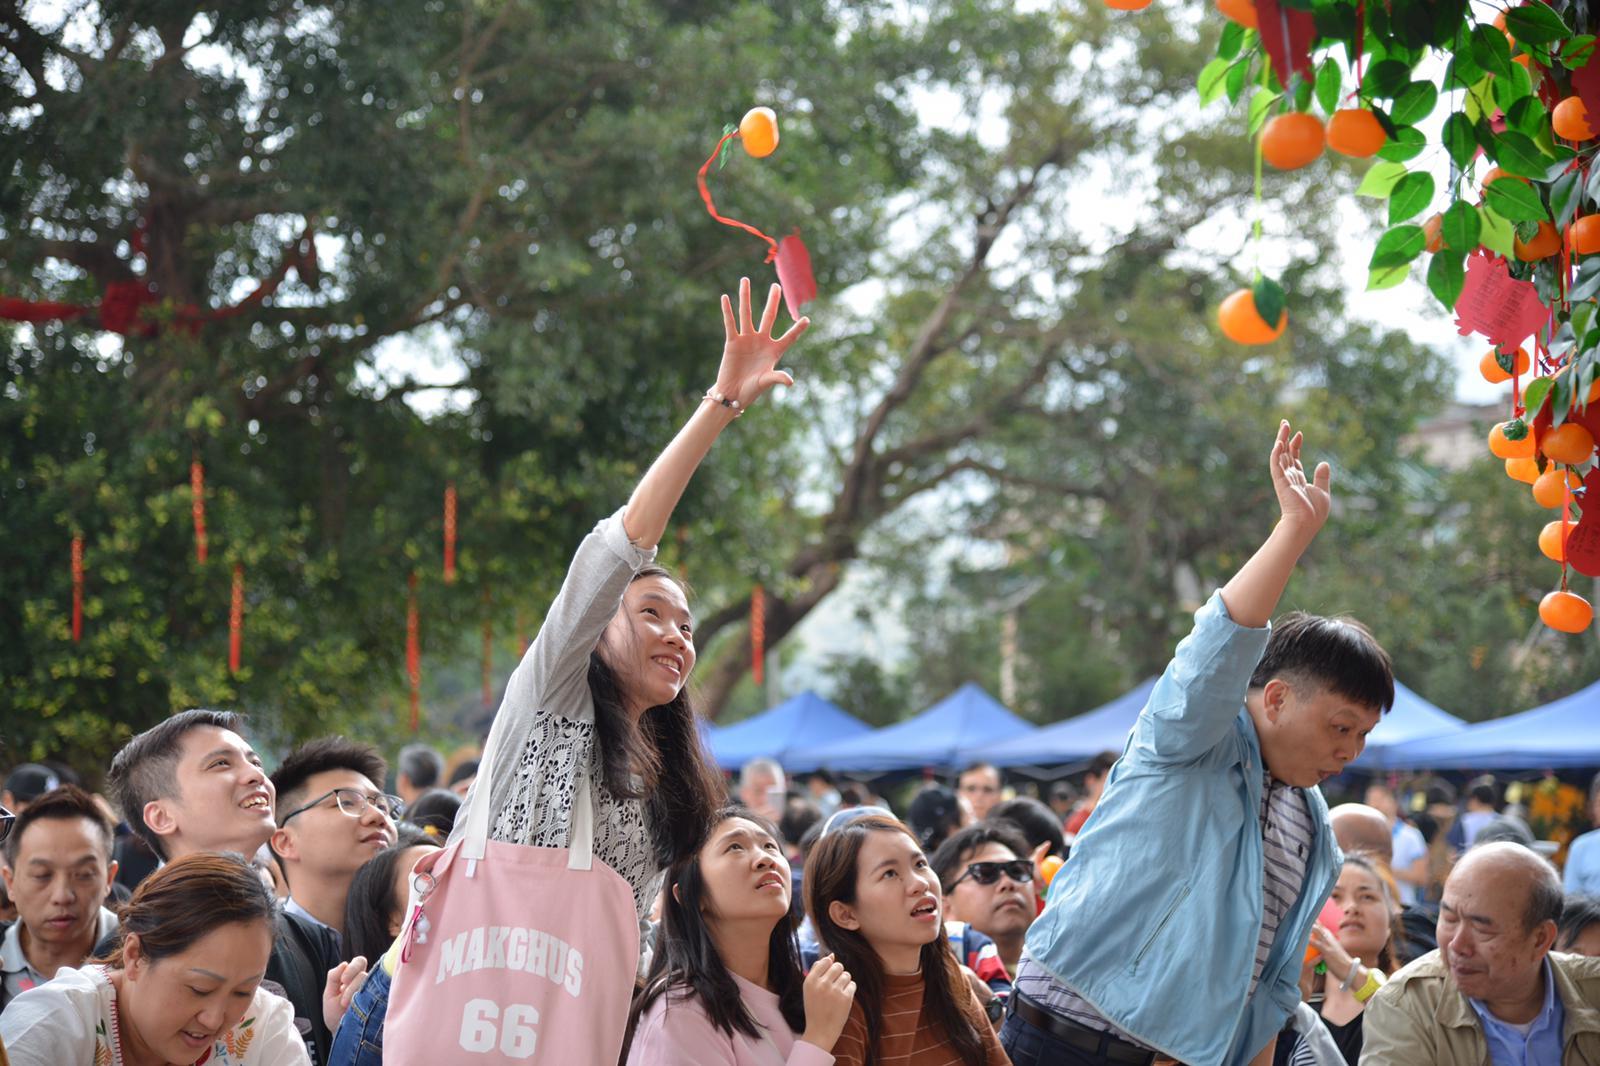 林村許願樹今日繼續開放,市民繼續到場拋祈福寶牒許下各式新年願望。